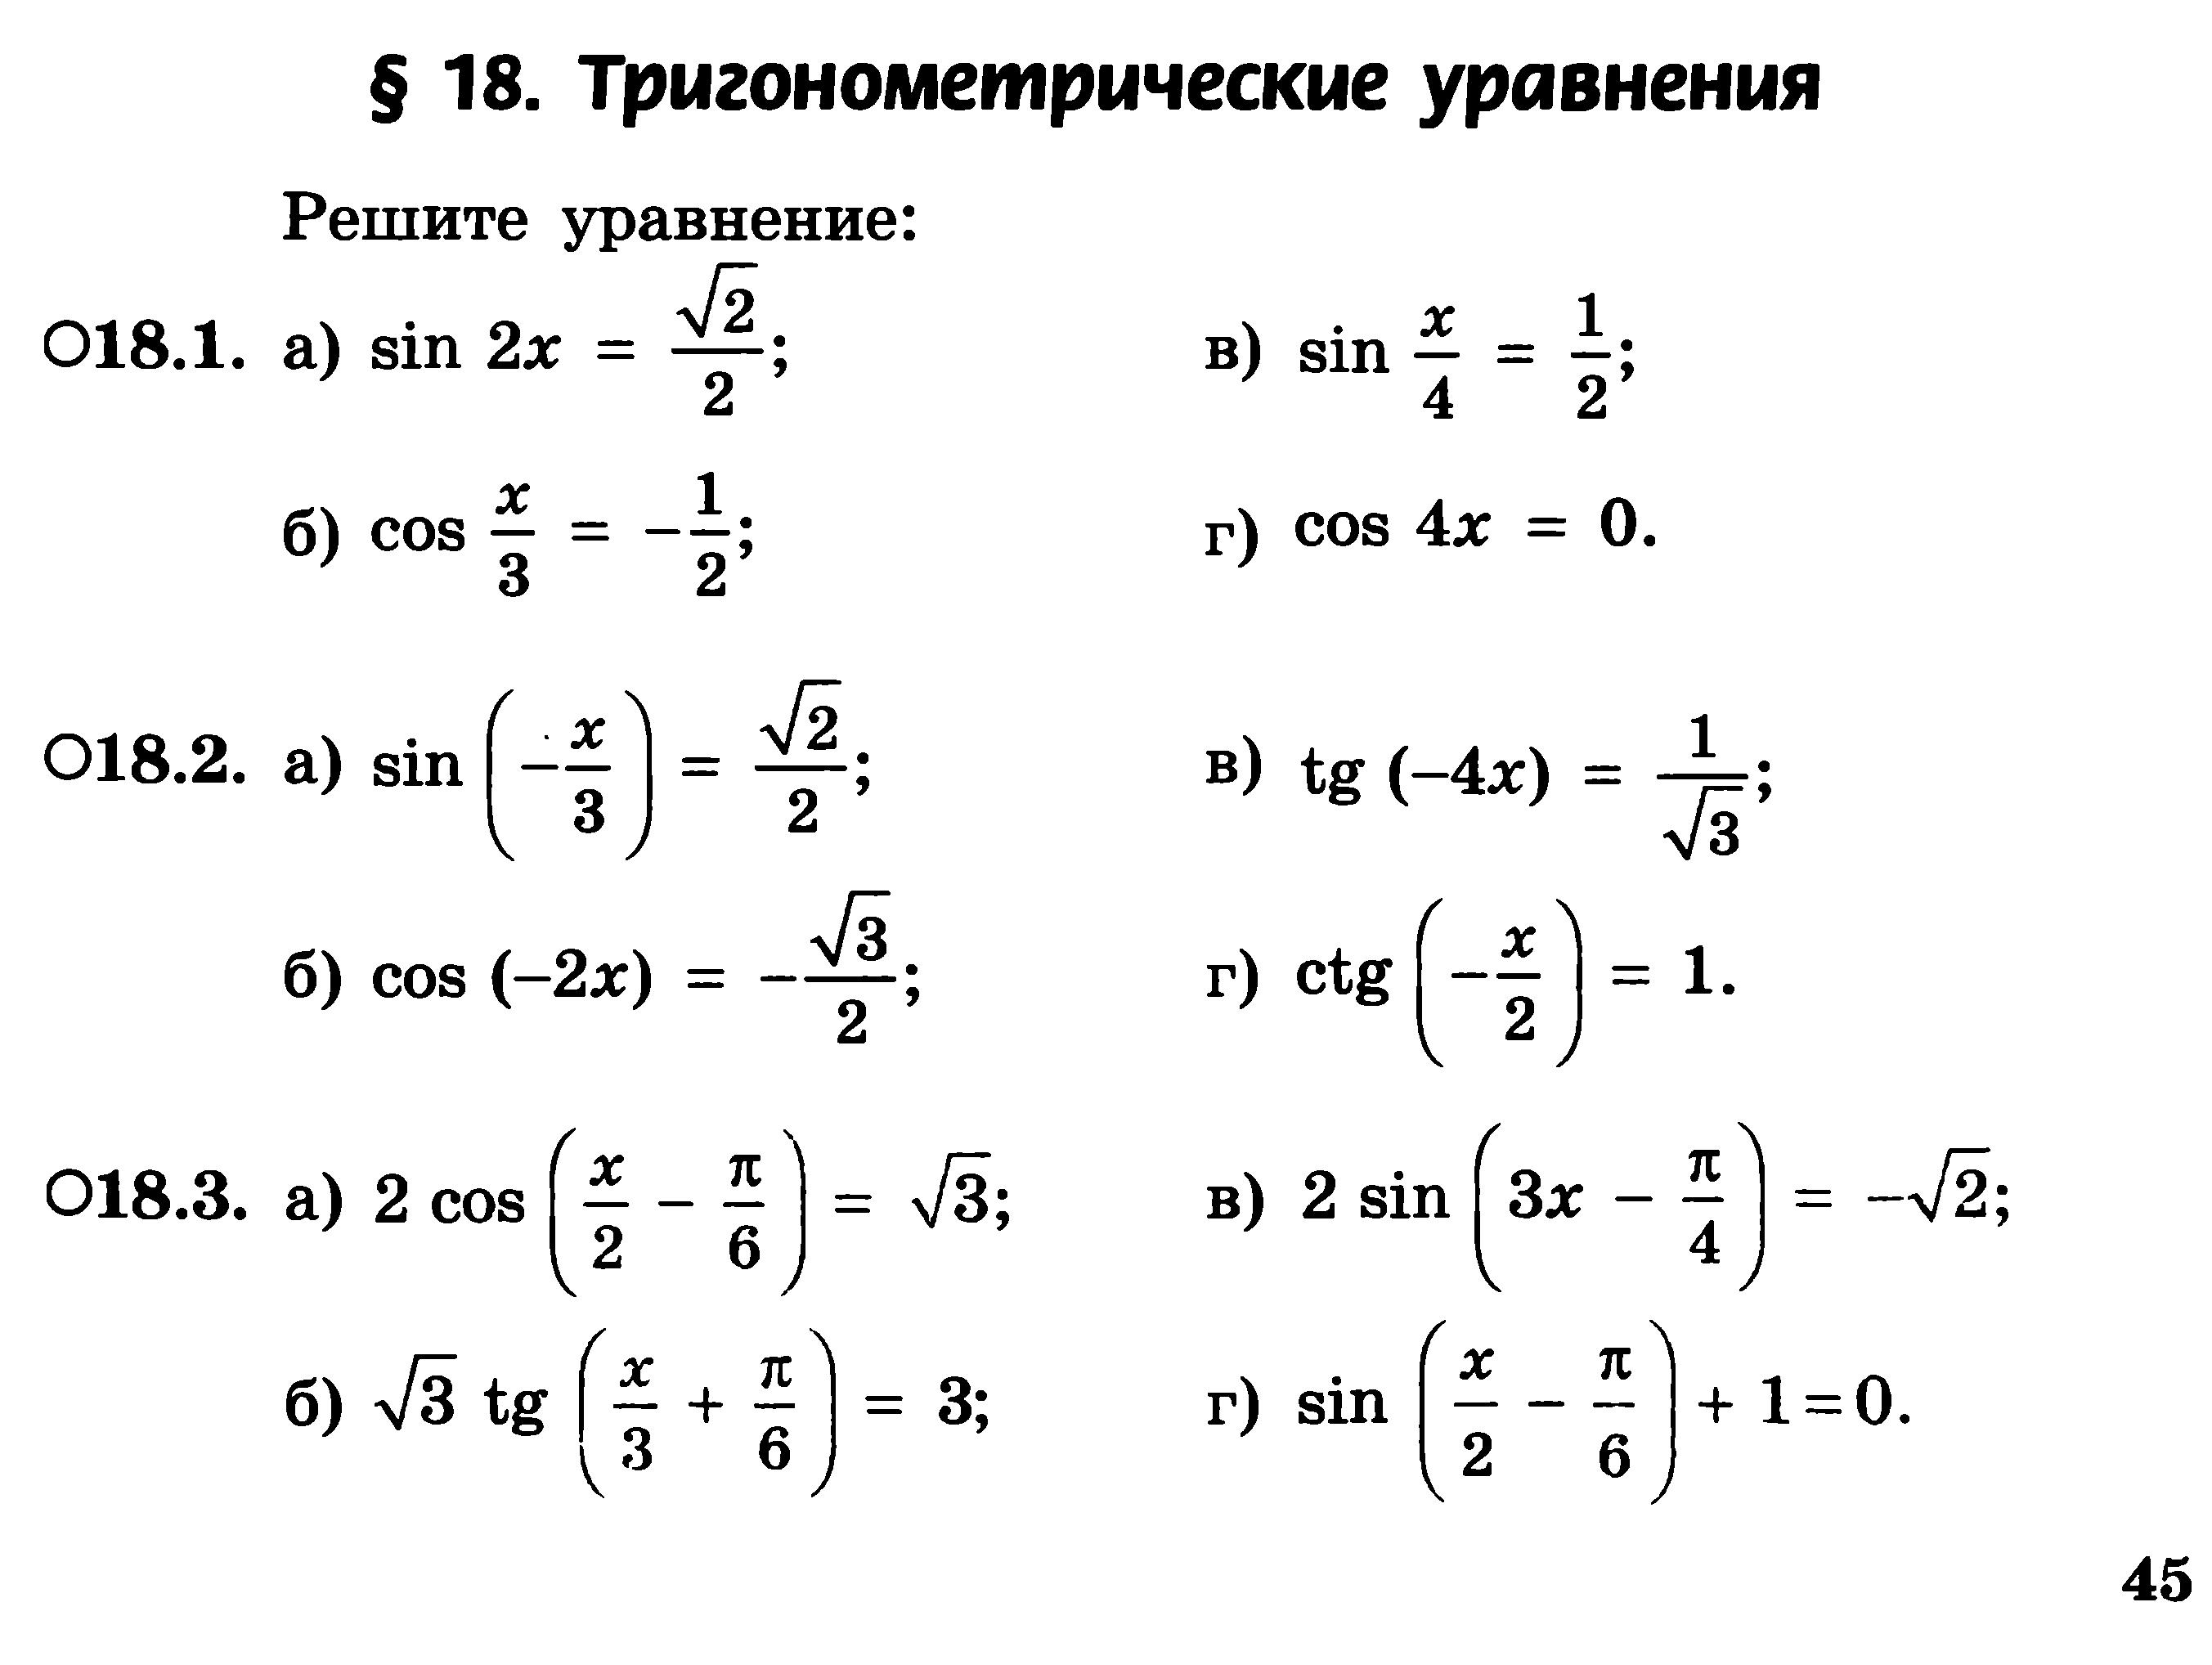 Тригонометрические задачи 10 класс с решениями надо решить задачу по математике